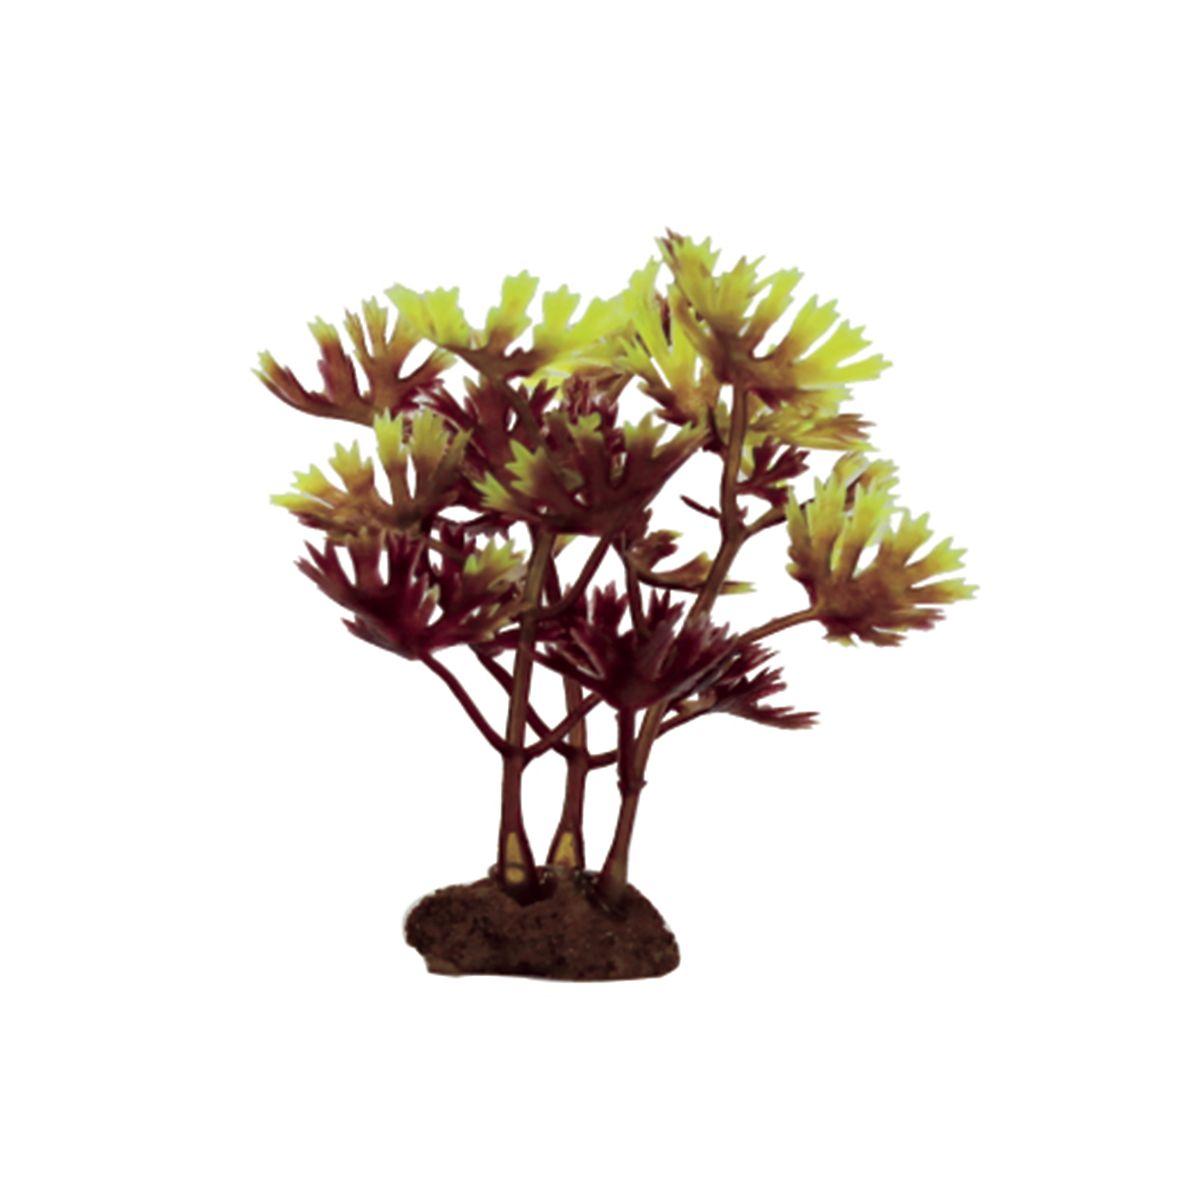 Растение для аквариума ArtUniq Лютик водный красно-зеленый, высота 10 см, 6 штART-1170511Растение для аквариума ArtUniq Лютик водный красно-зеленый, высота 10 см, 6 шт